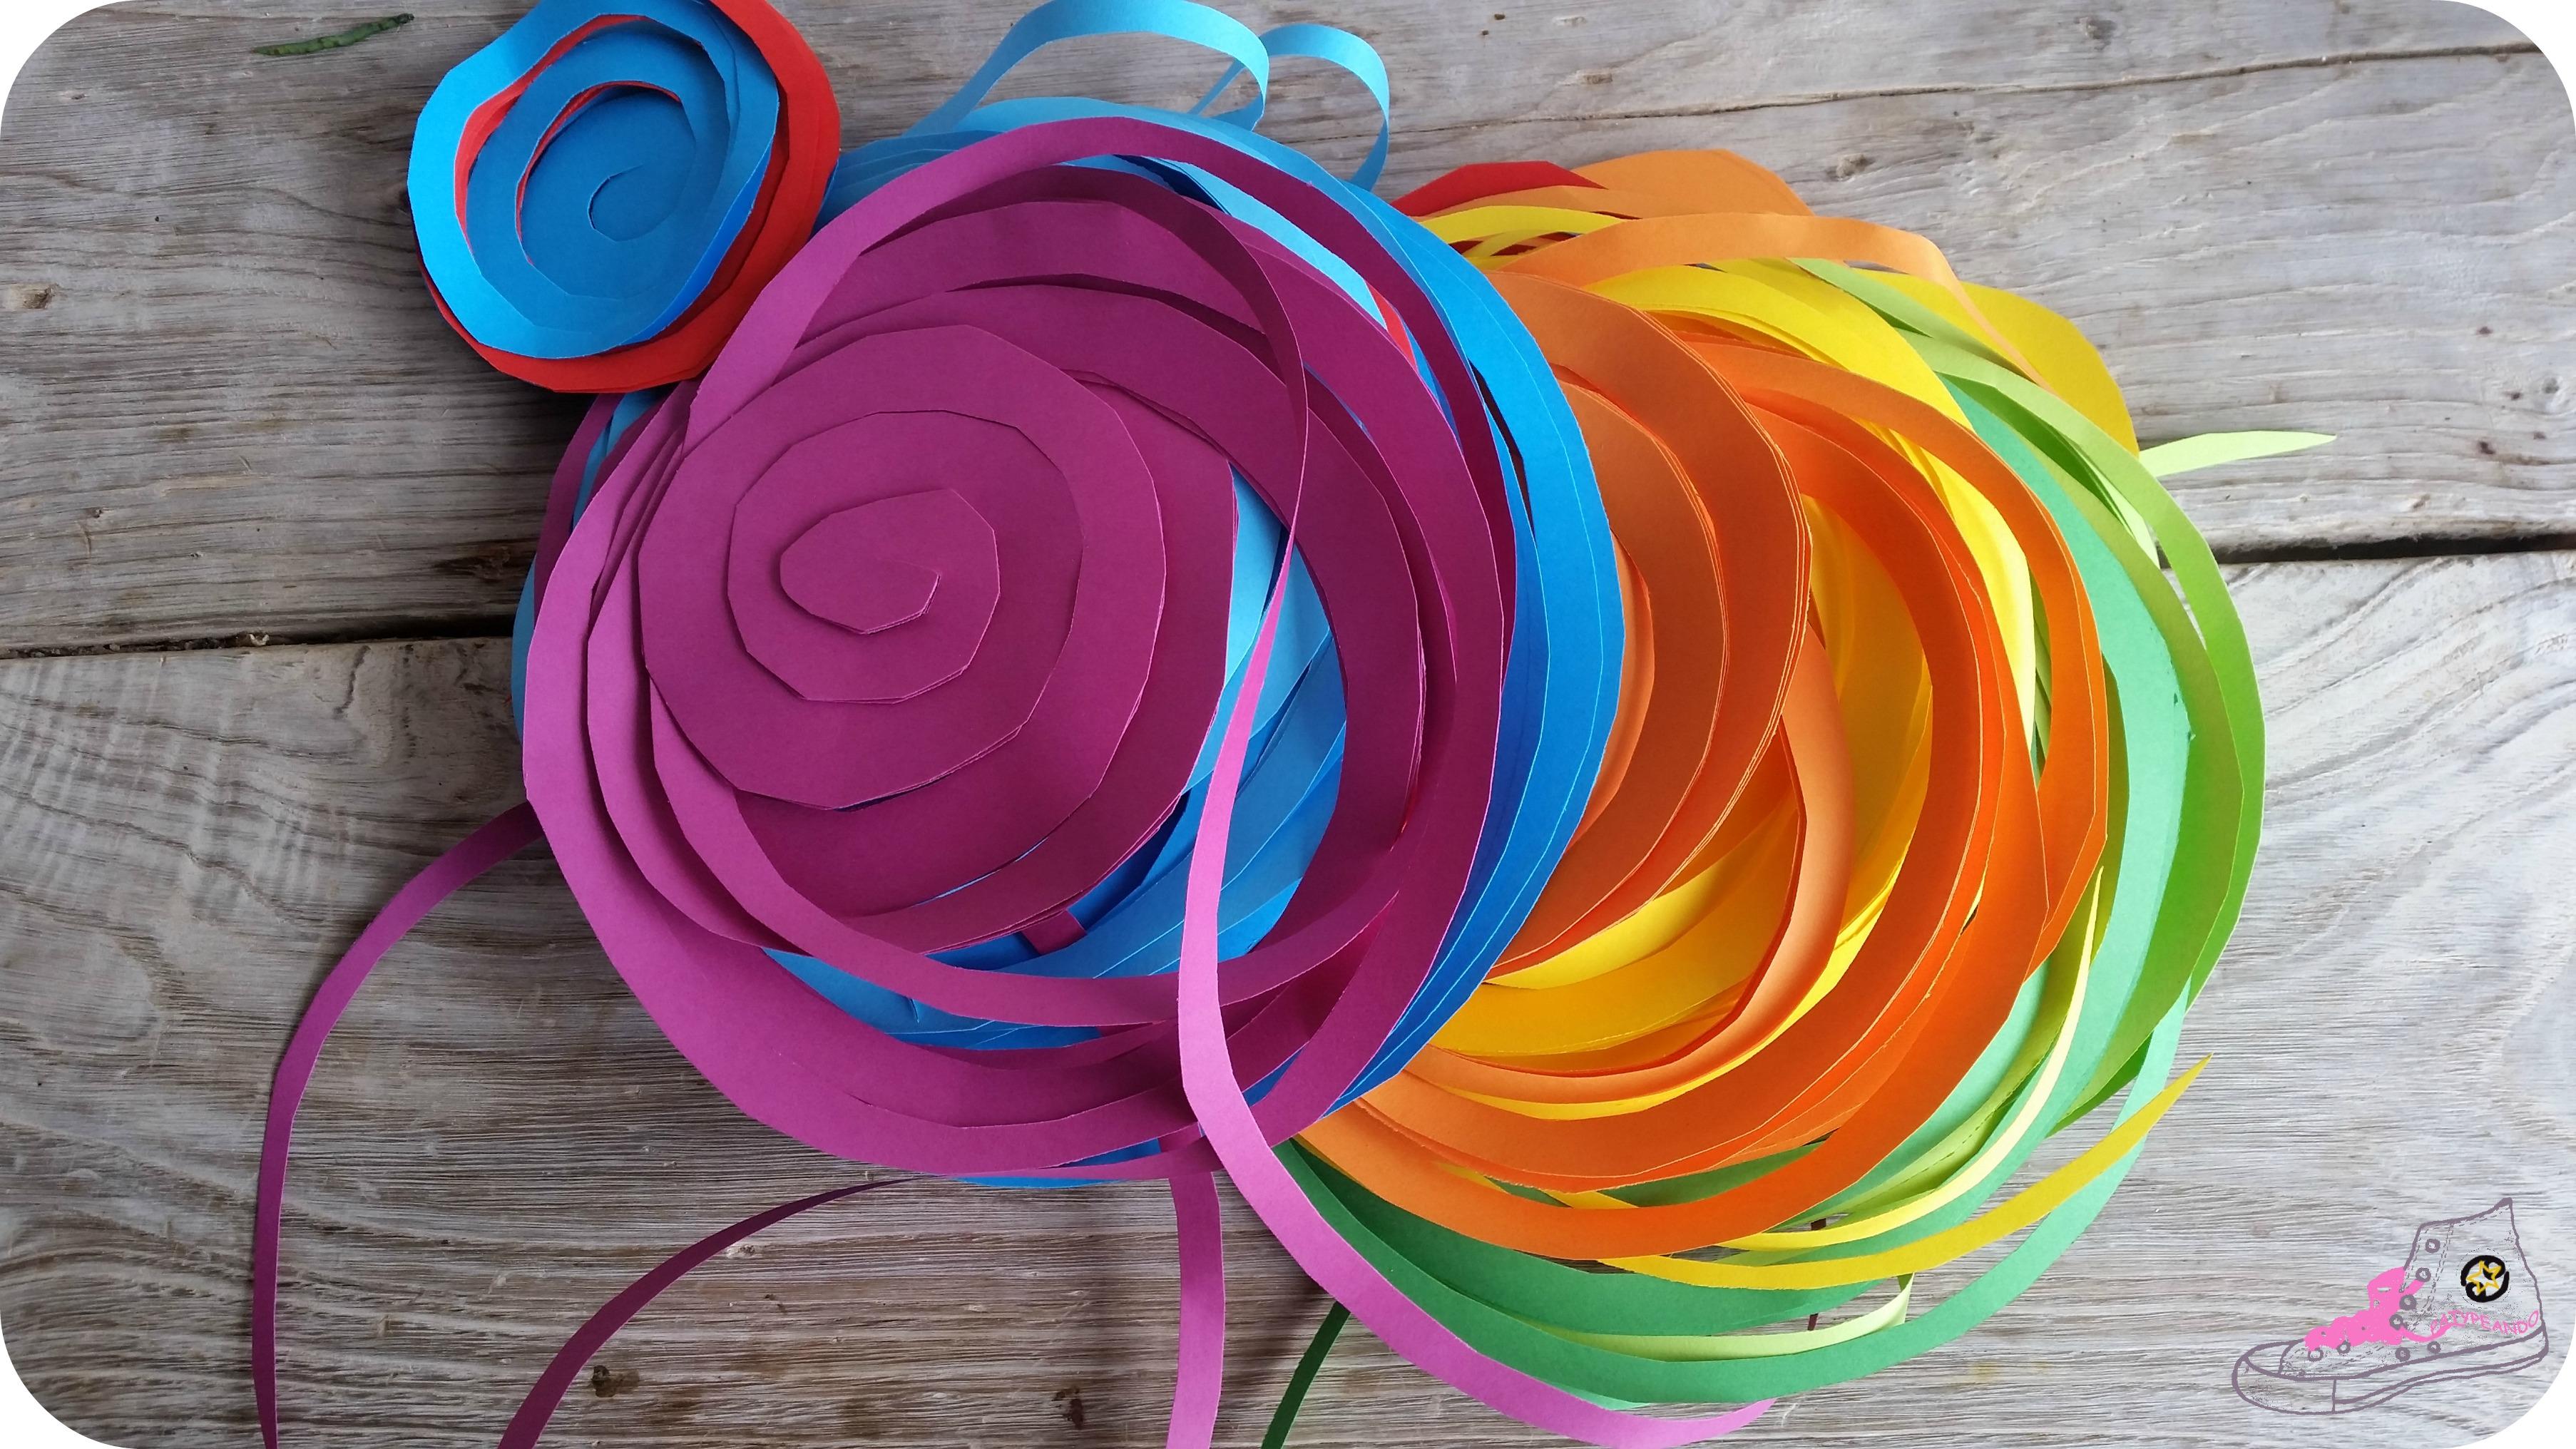 Pinata Casera Para Cumpleanos Handbox Craft Lovers Comunidad Diy - Adornos-para-cumple